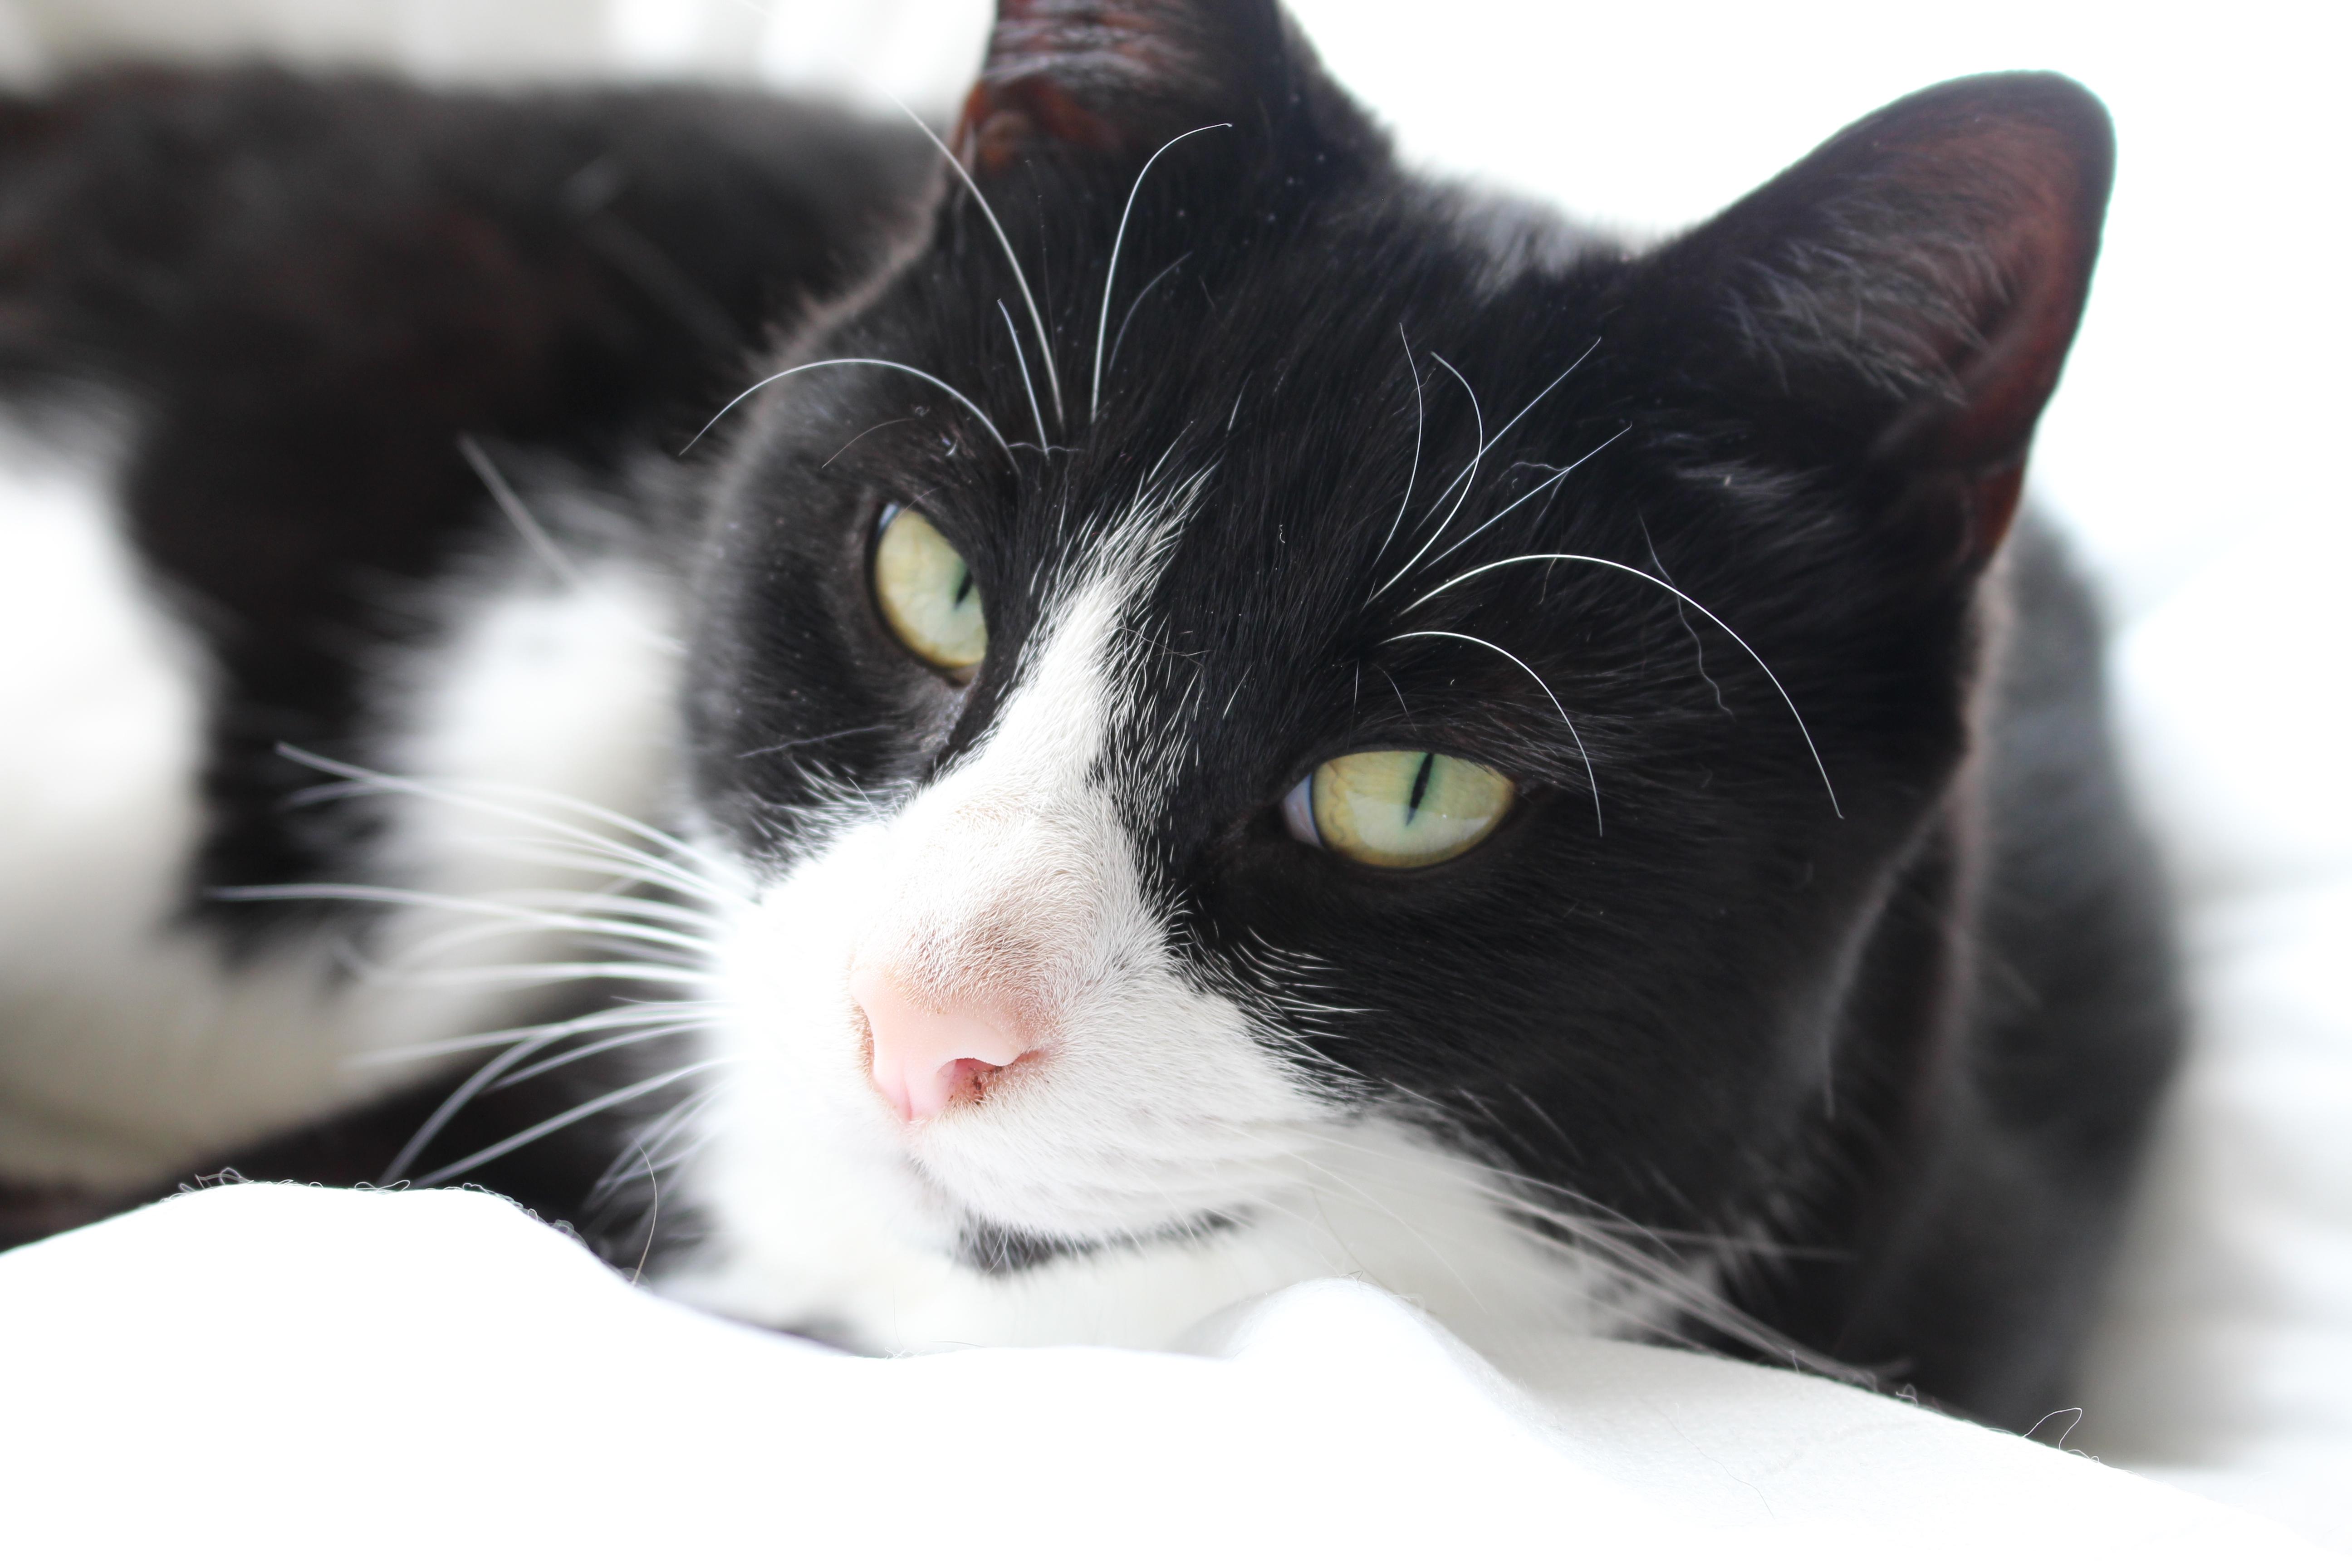 Our cat Bandit